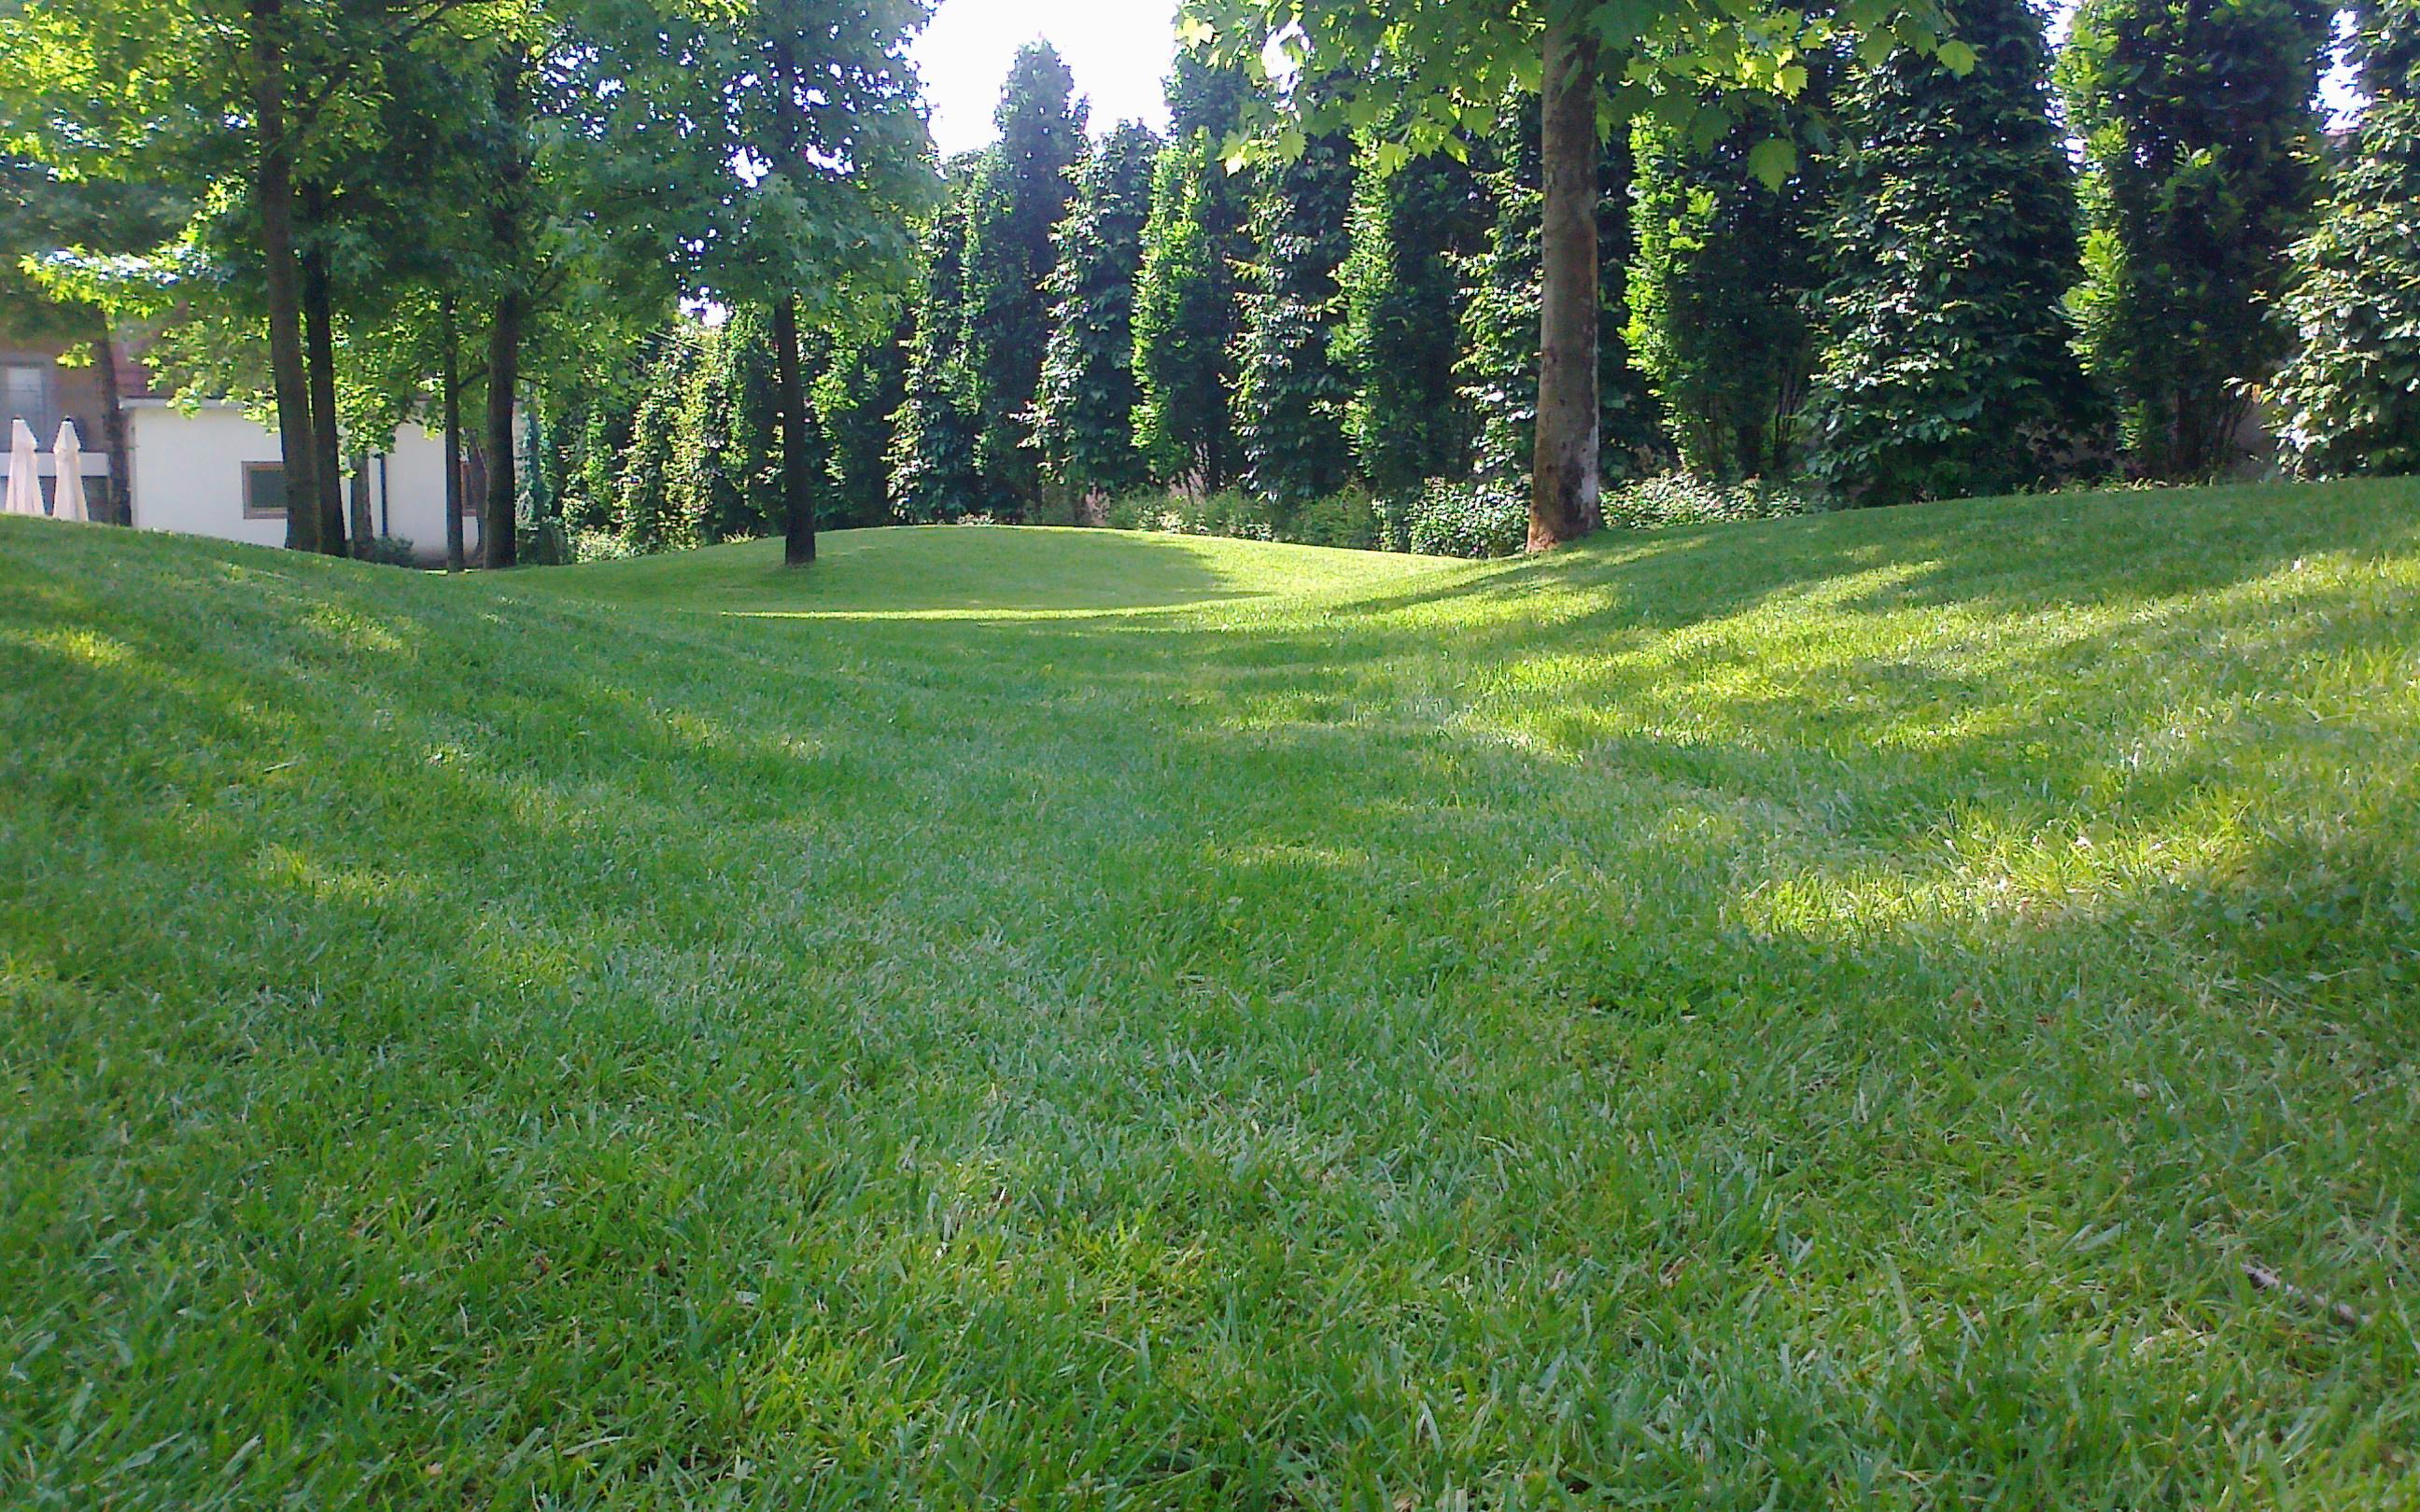 Realizzazione Giardini Vivai Parchi Brescia  BorgoverdeBorgoverde  Realizzazione Giardini a ...